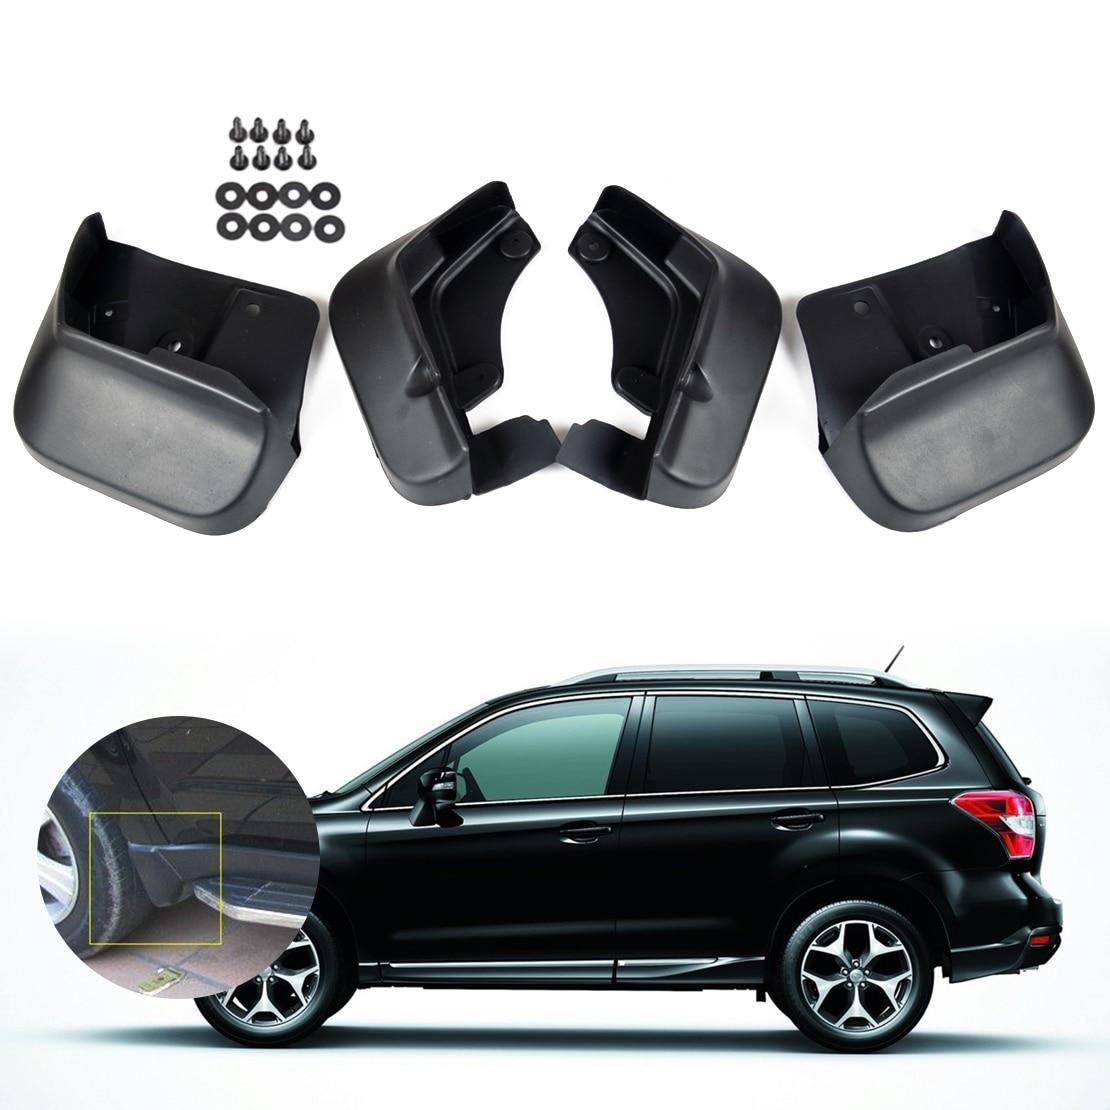 DWCX 4 pcs Boue Volets pare-Boue Garde-Boue Bavettes Garde-Boue Pour Subaru Forester 2008 2009 2010 2011 2012 2013